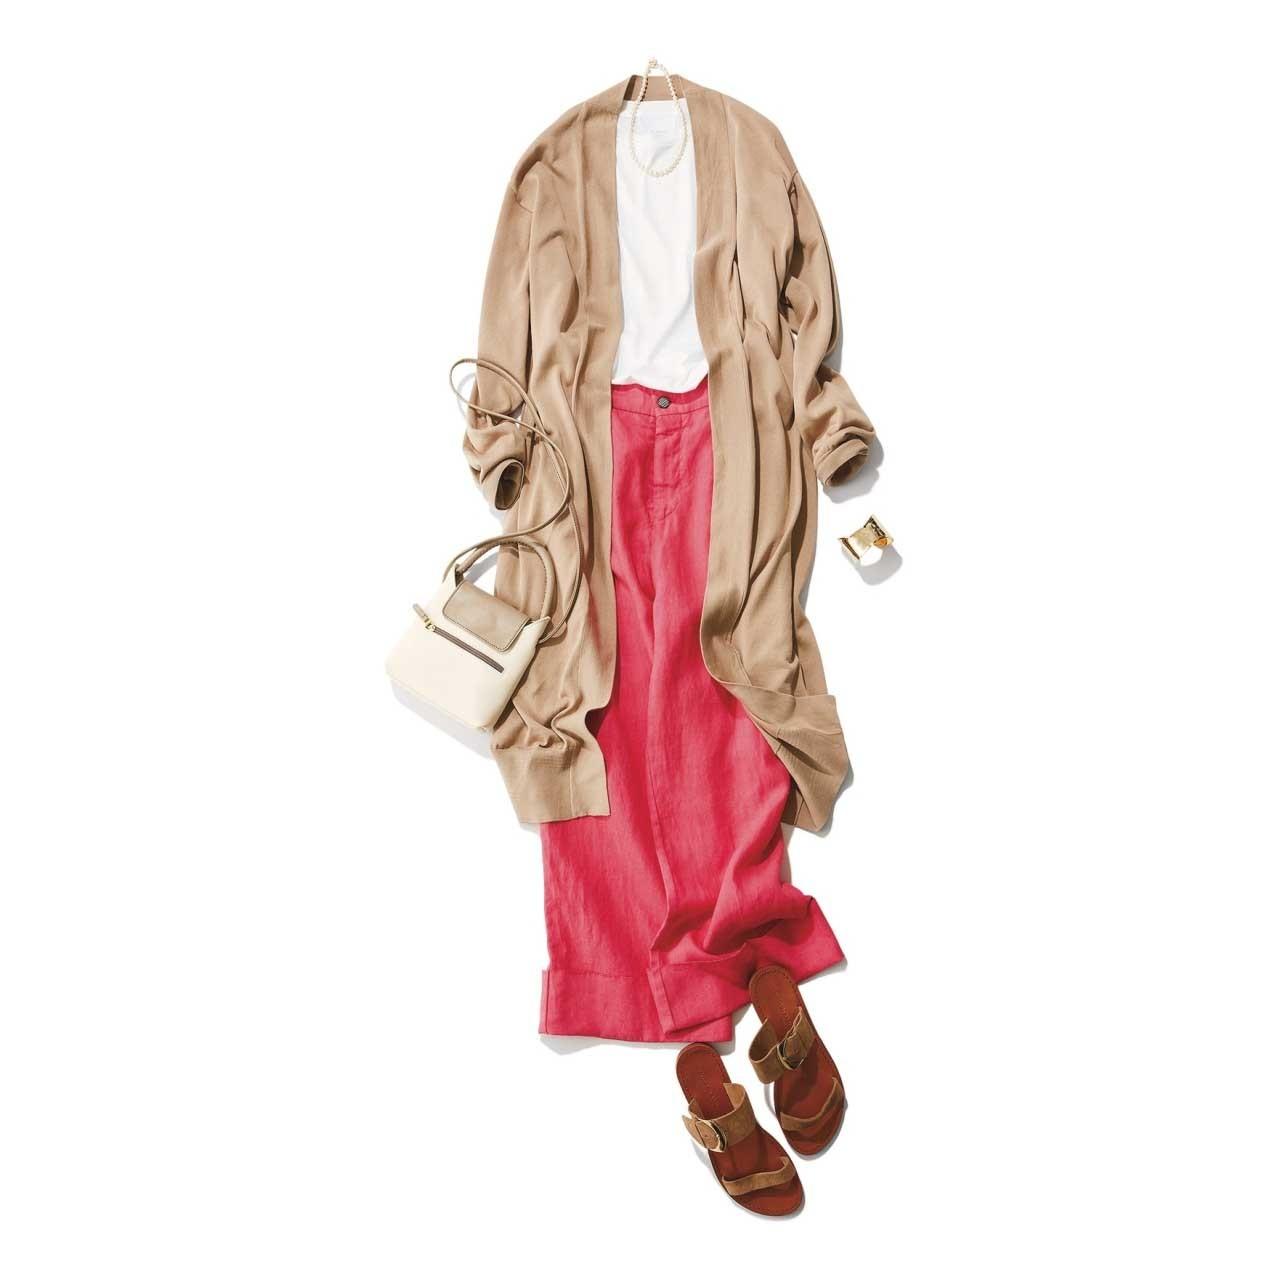 ロングカーディガン×きれい色ワイドパンツの羽織ものコーデ